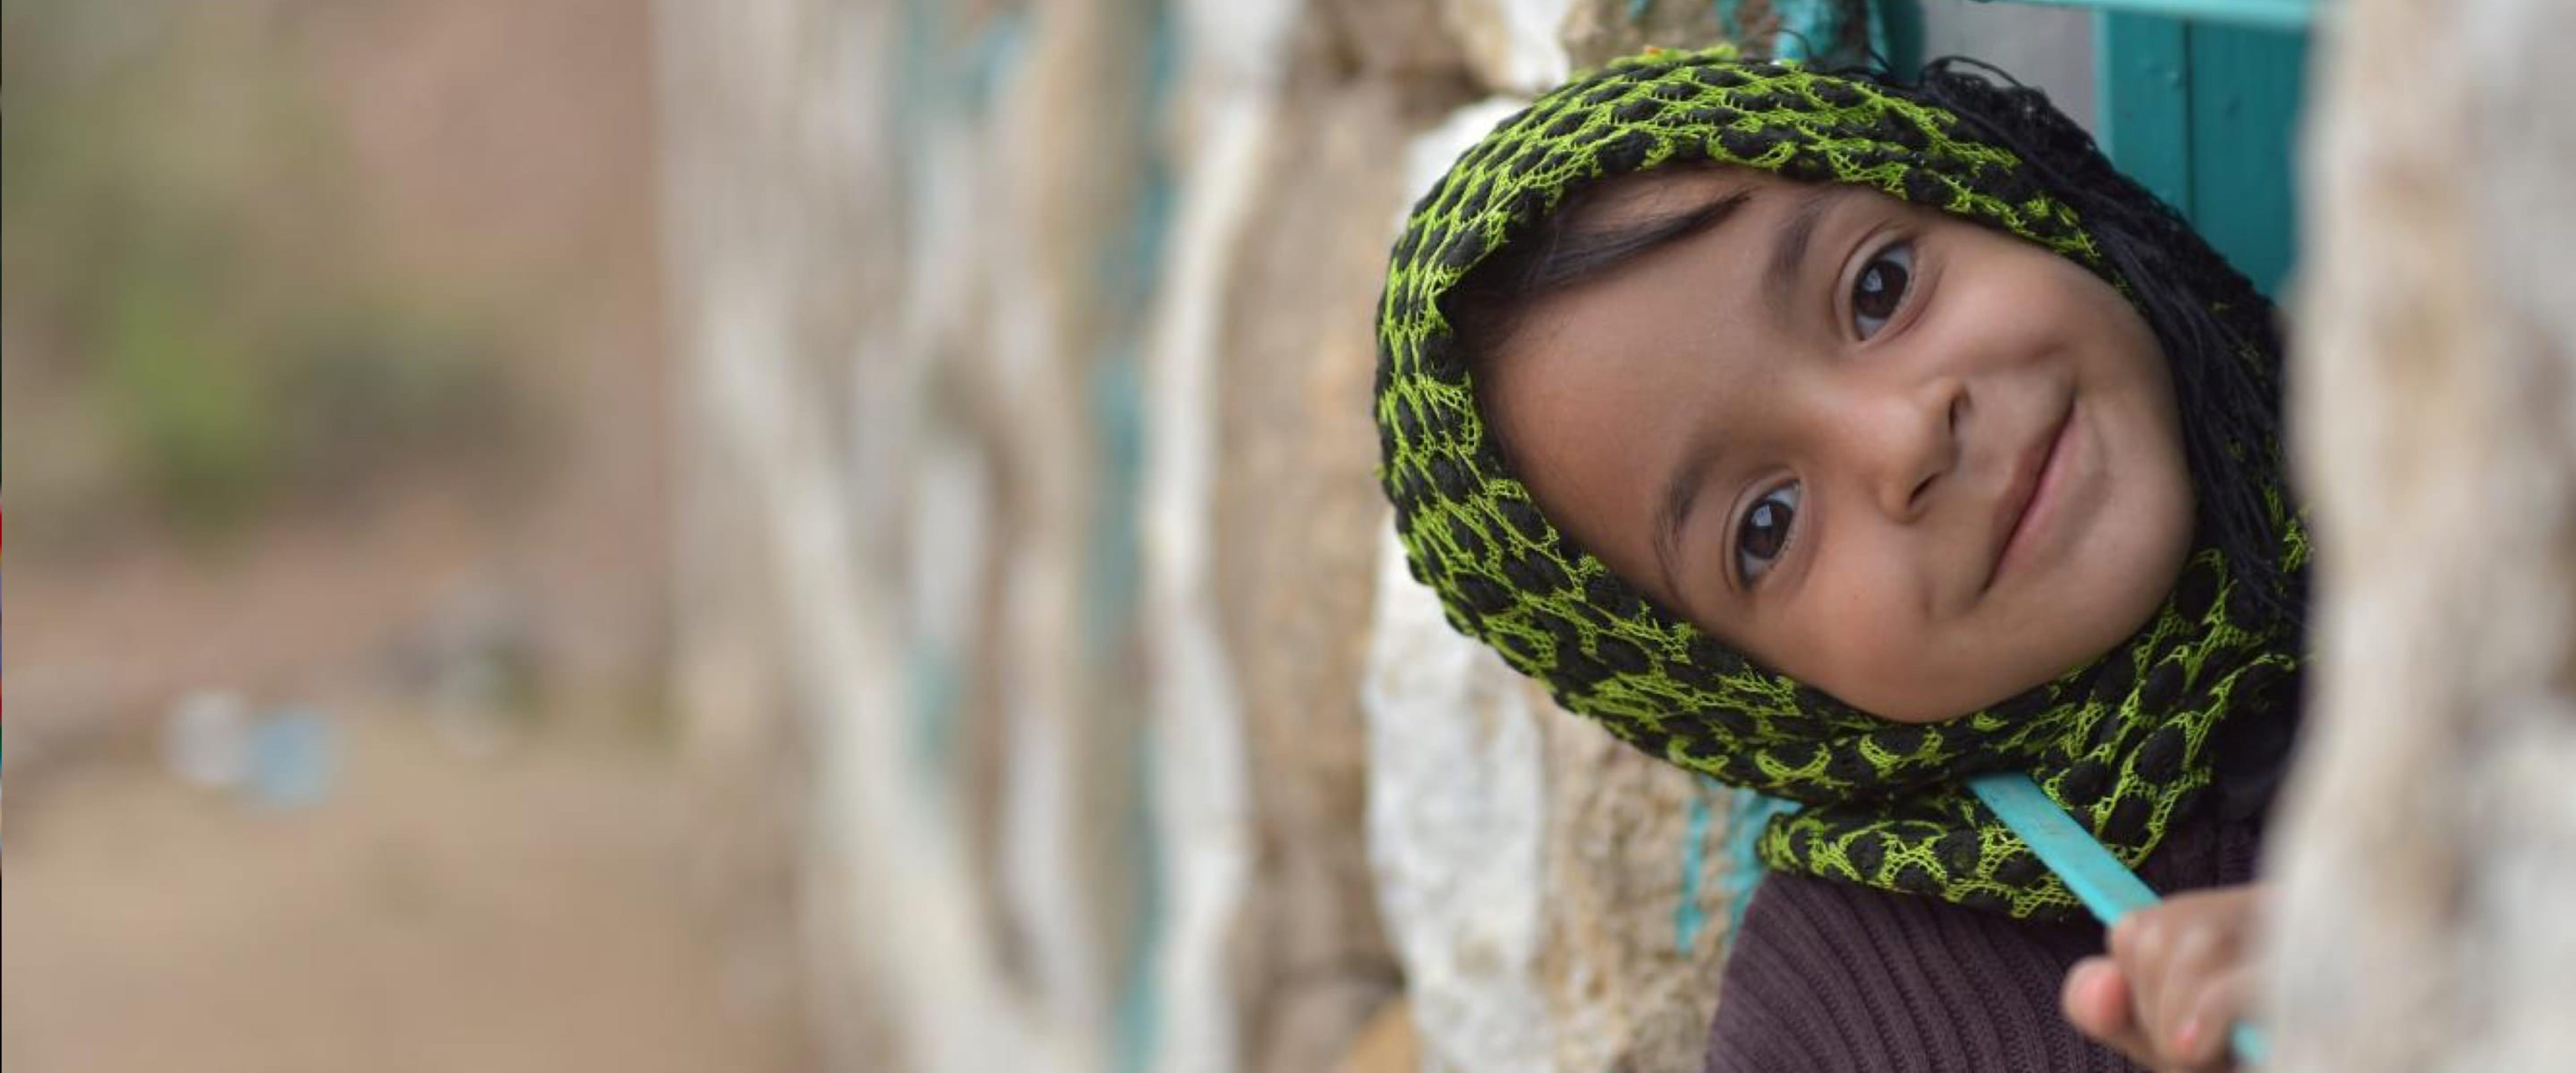 Una donazione all'UNICEF Italia per aiutare i bambini in difficoltà